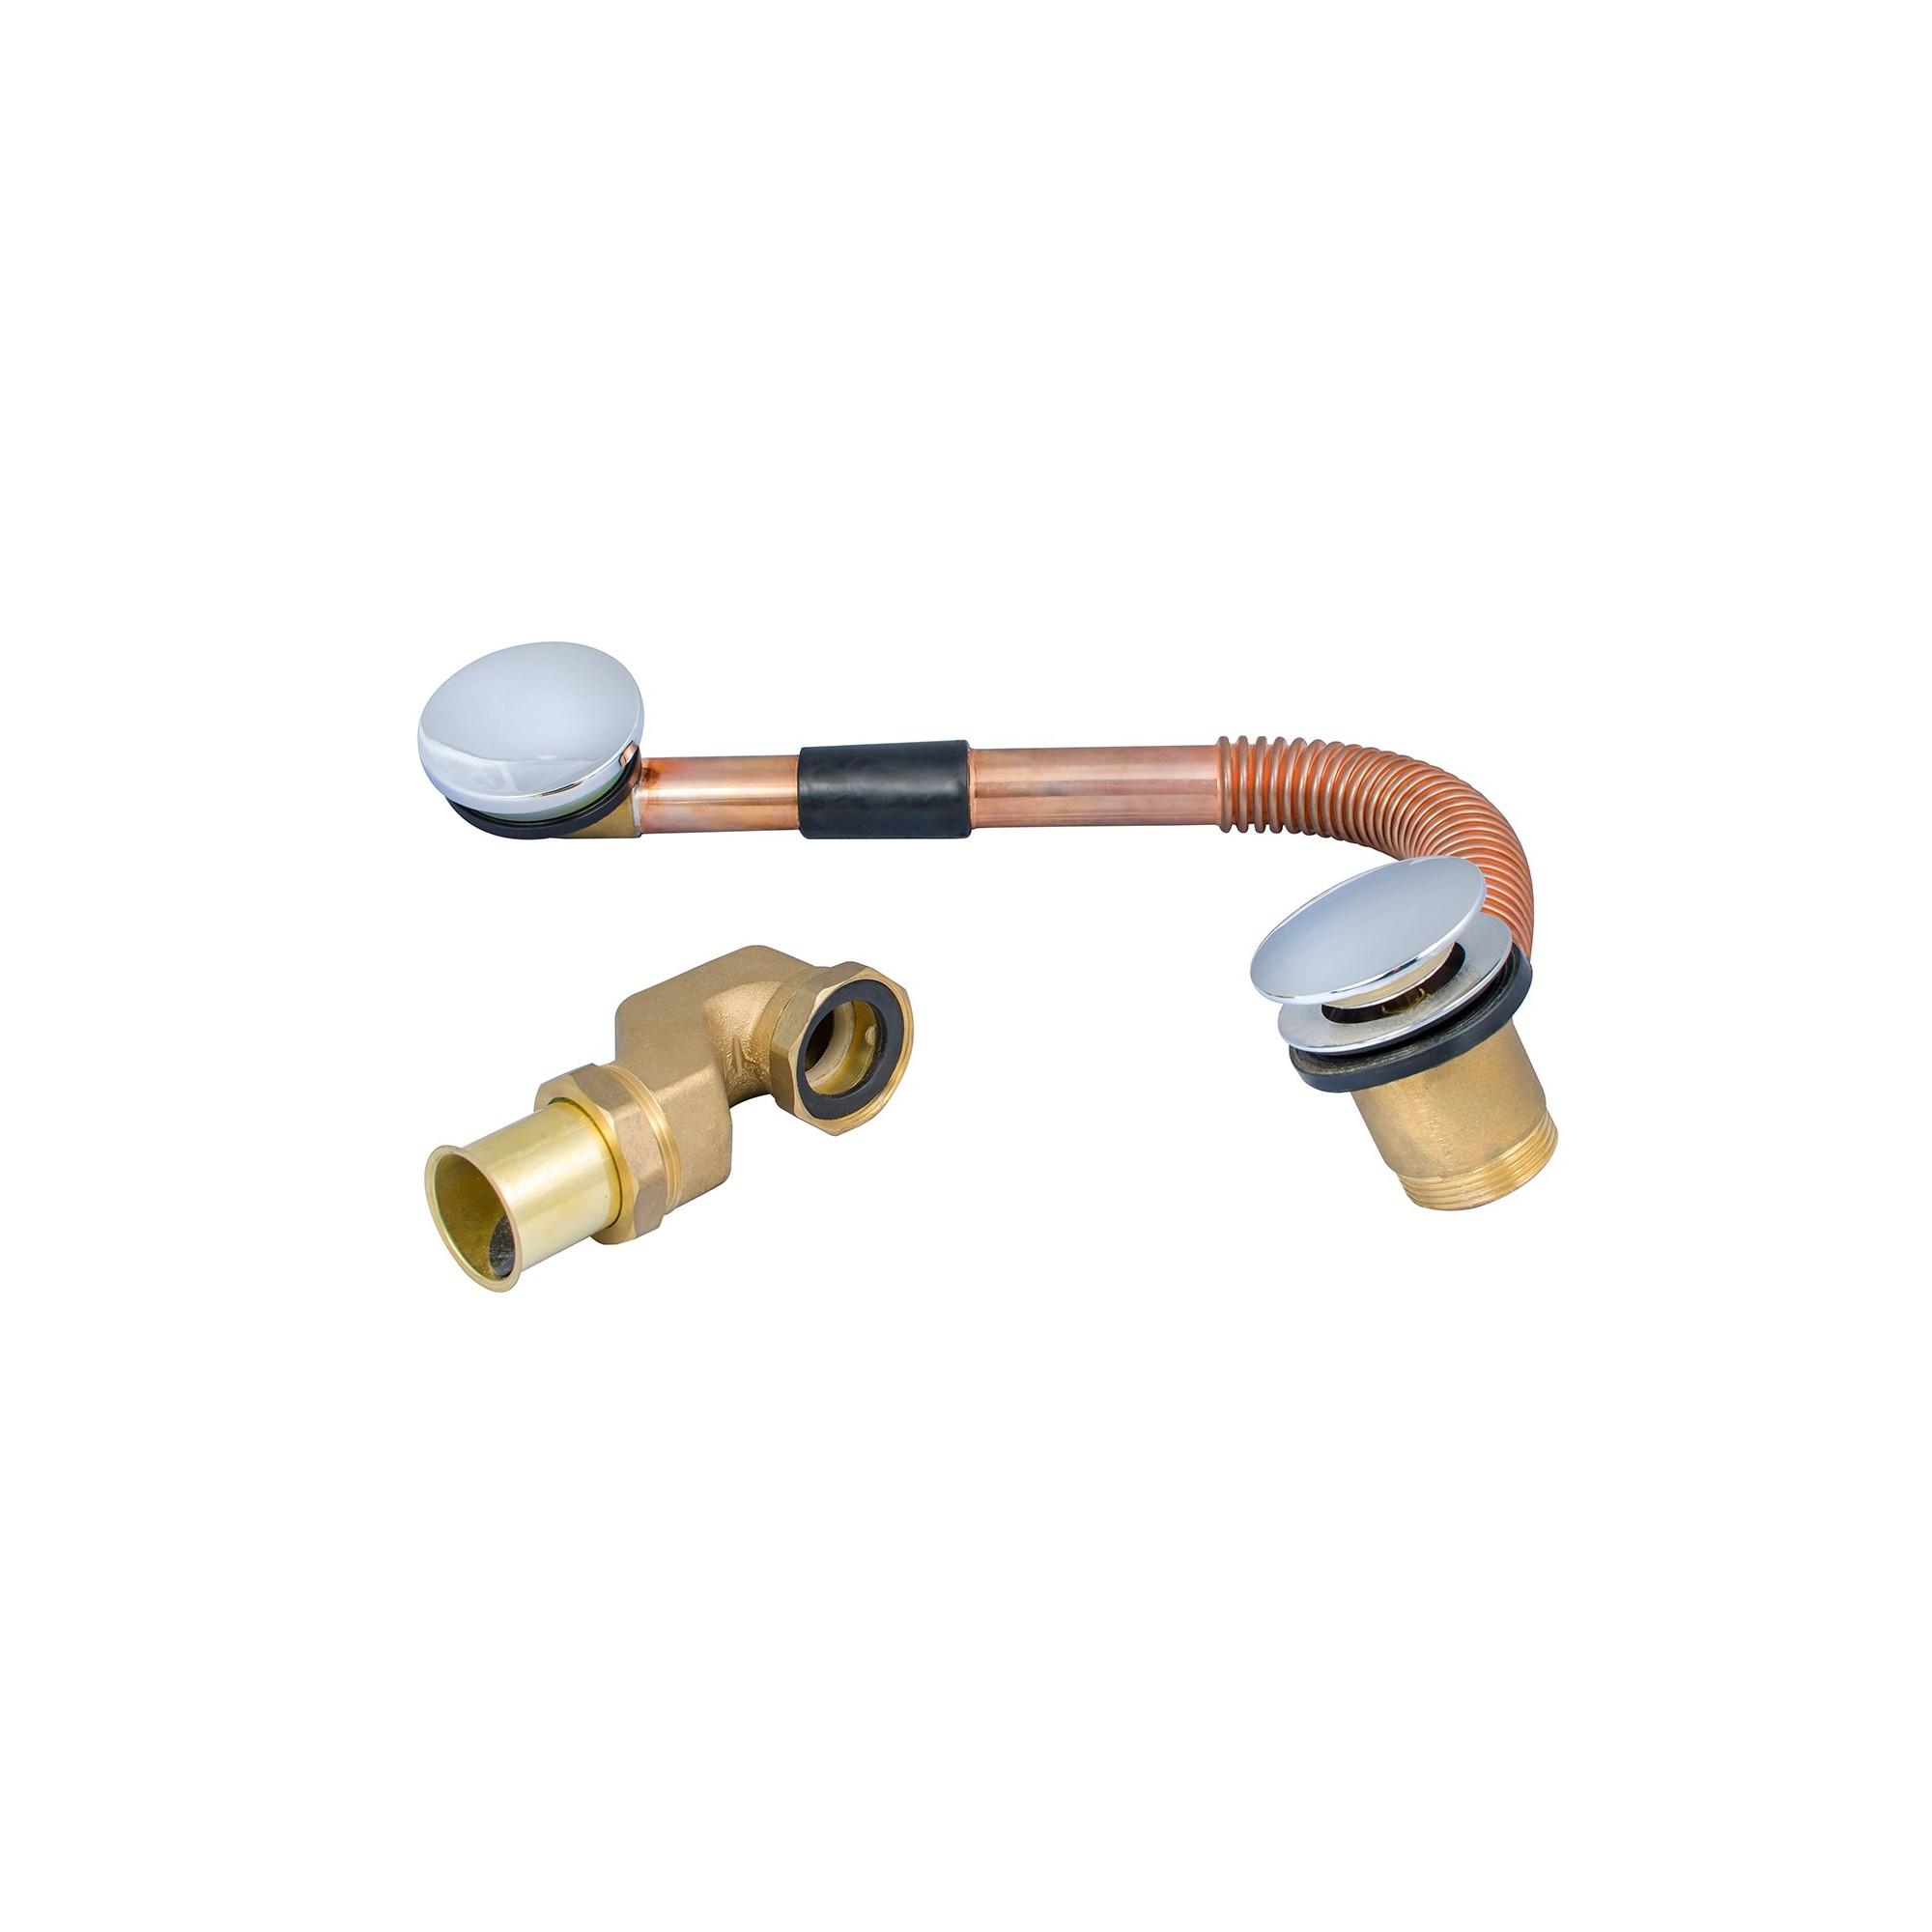 Сифон для ванной латунный с переливом 1 1/2 J.G. - 1